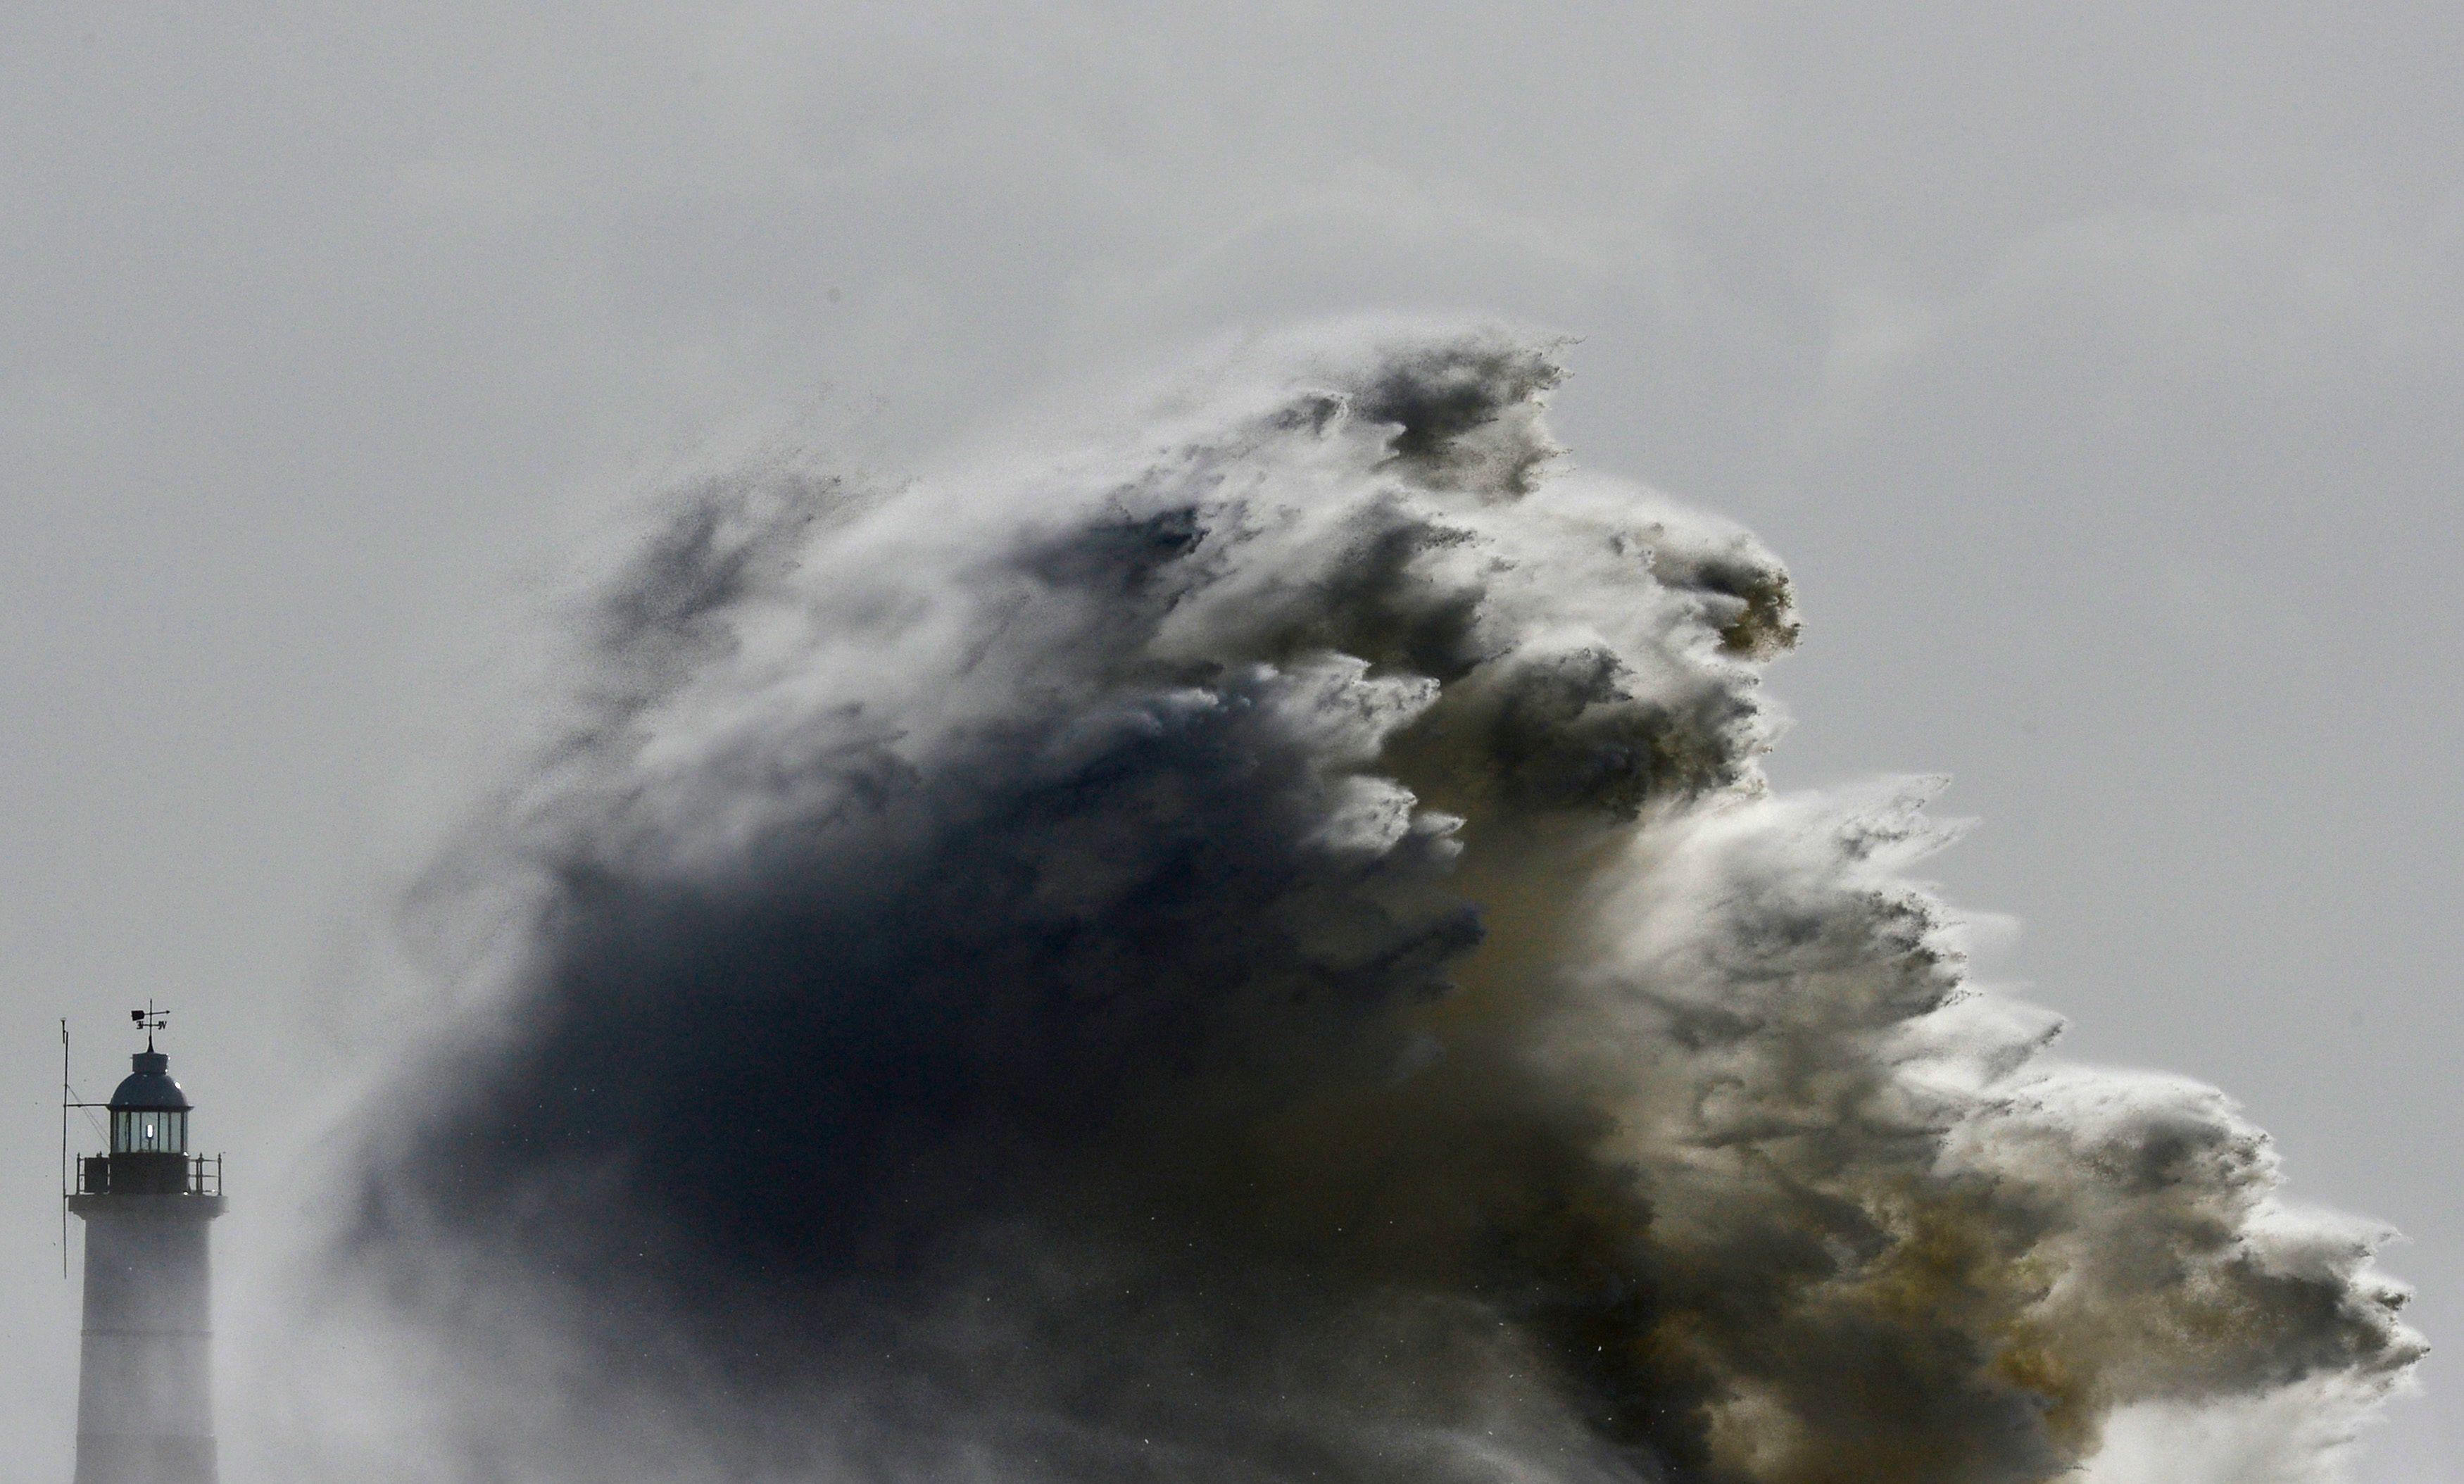 Une vague photographiée le 15 février, lors de la tempête Ulla, dans le sud de l'Angleterre.